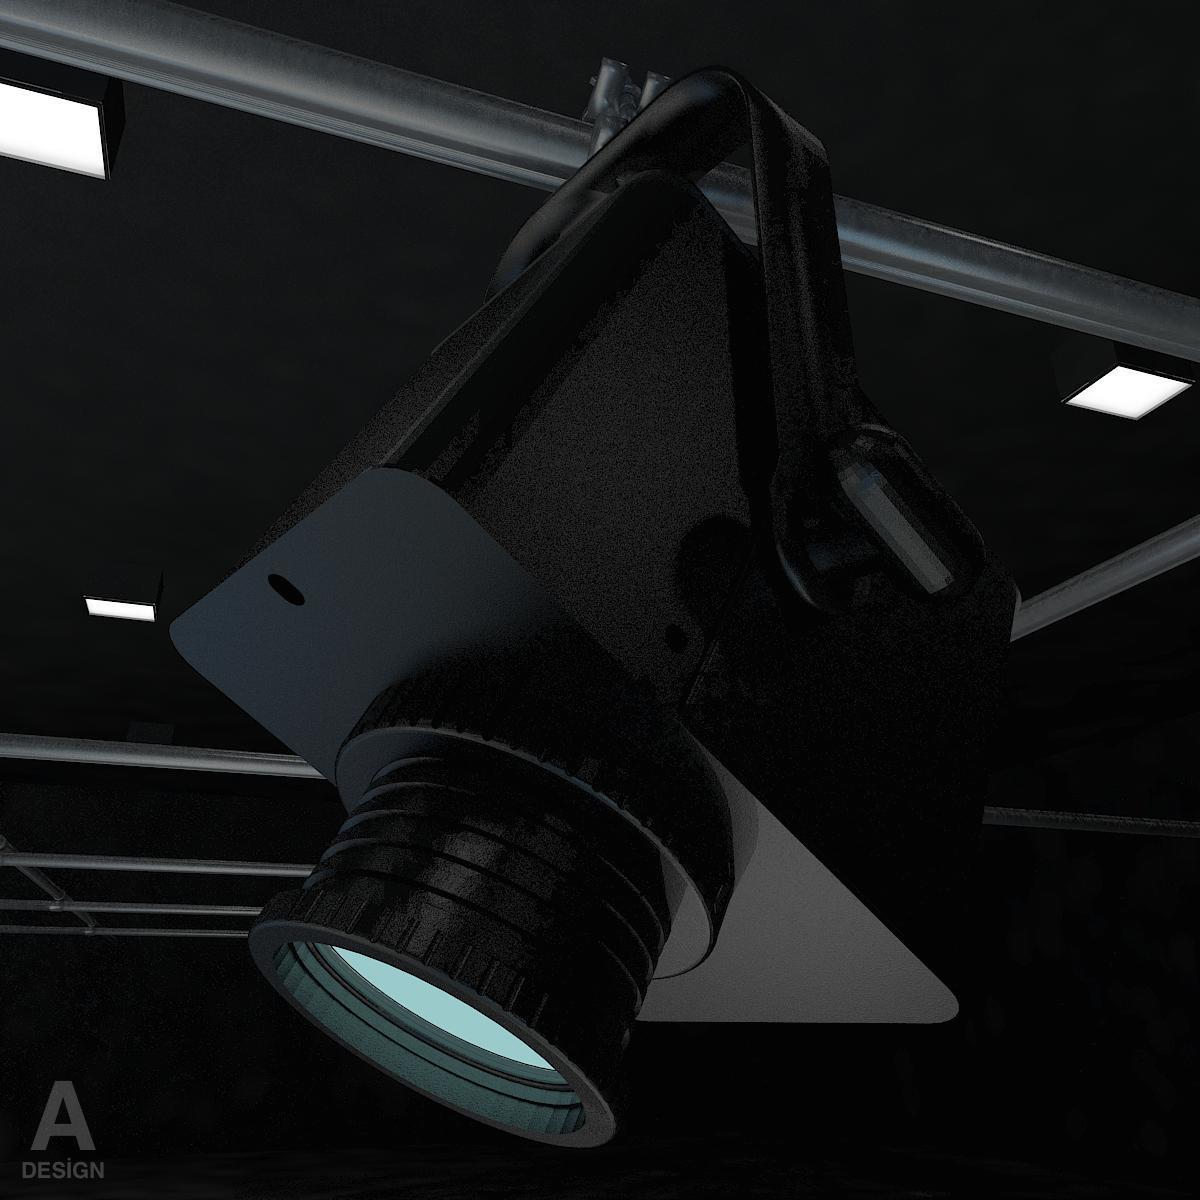 виртуал өргөн нэвтрүүлгийн телевизийн мэдээллийн студи 028 3d загвар max dxf fbx бүтэцтэй obj 215581